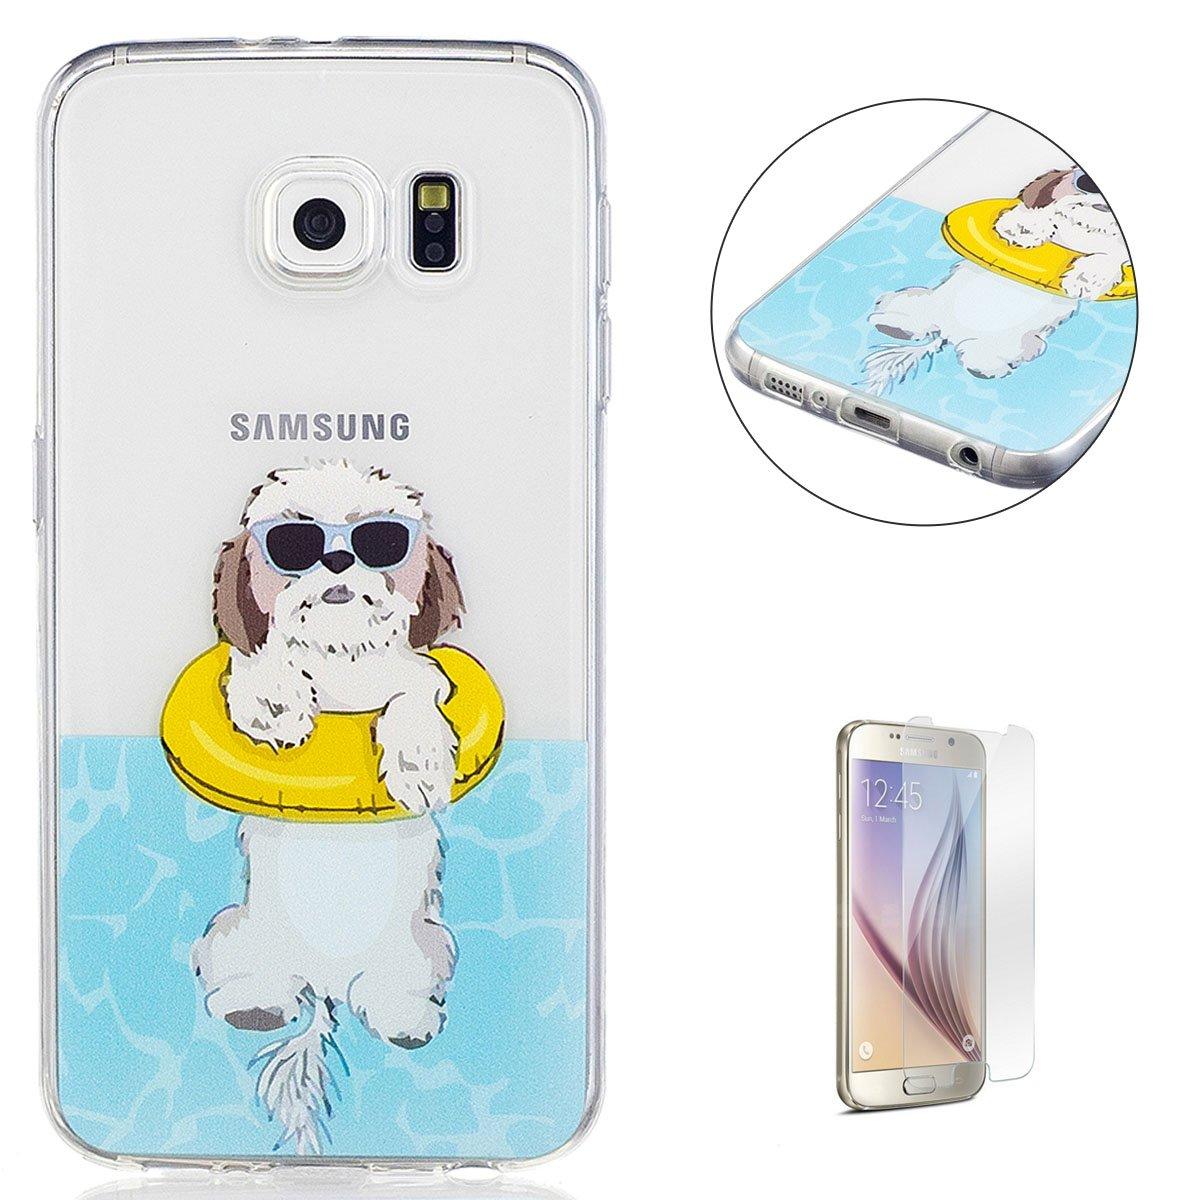 KaseHom Coque Case for Samsung Galaxy S6 Cas Housse Gel de Silicone Clair (Gratuit Protecteur d'écran) Premium Transparent Flexible Antichoc TPU Coloré Conception-Chien Gris CaseHome CHSAS6-194579